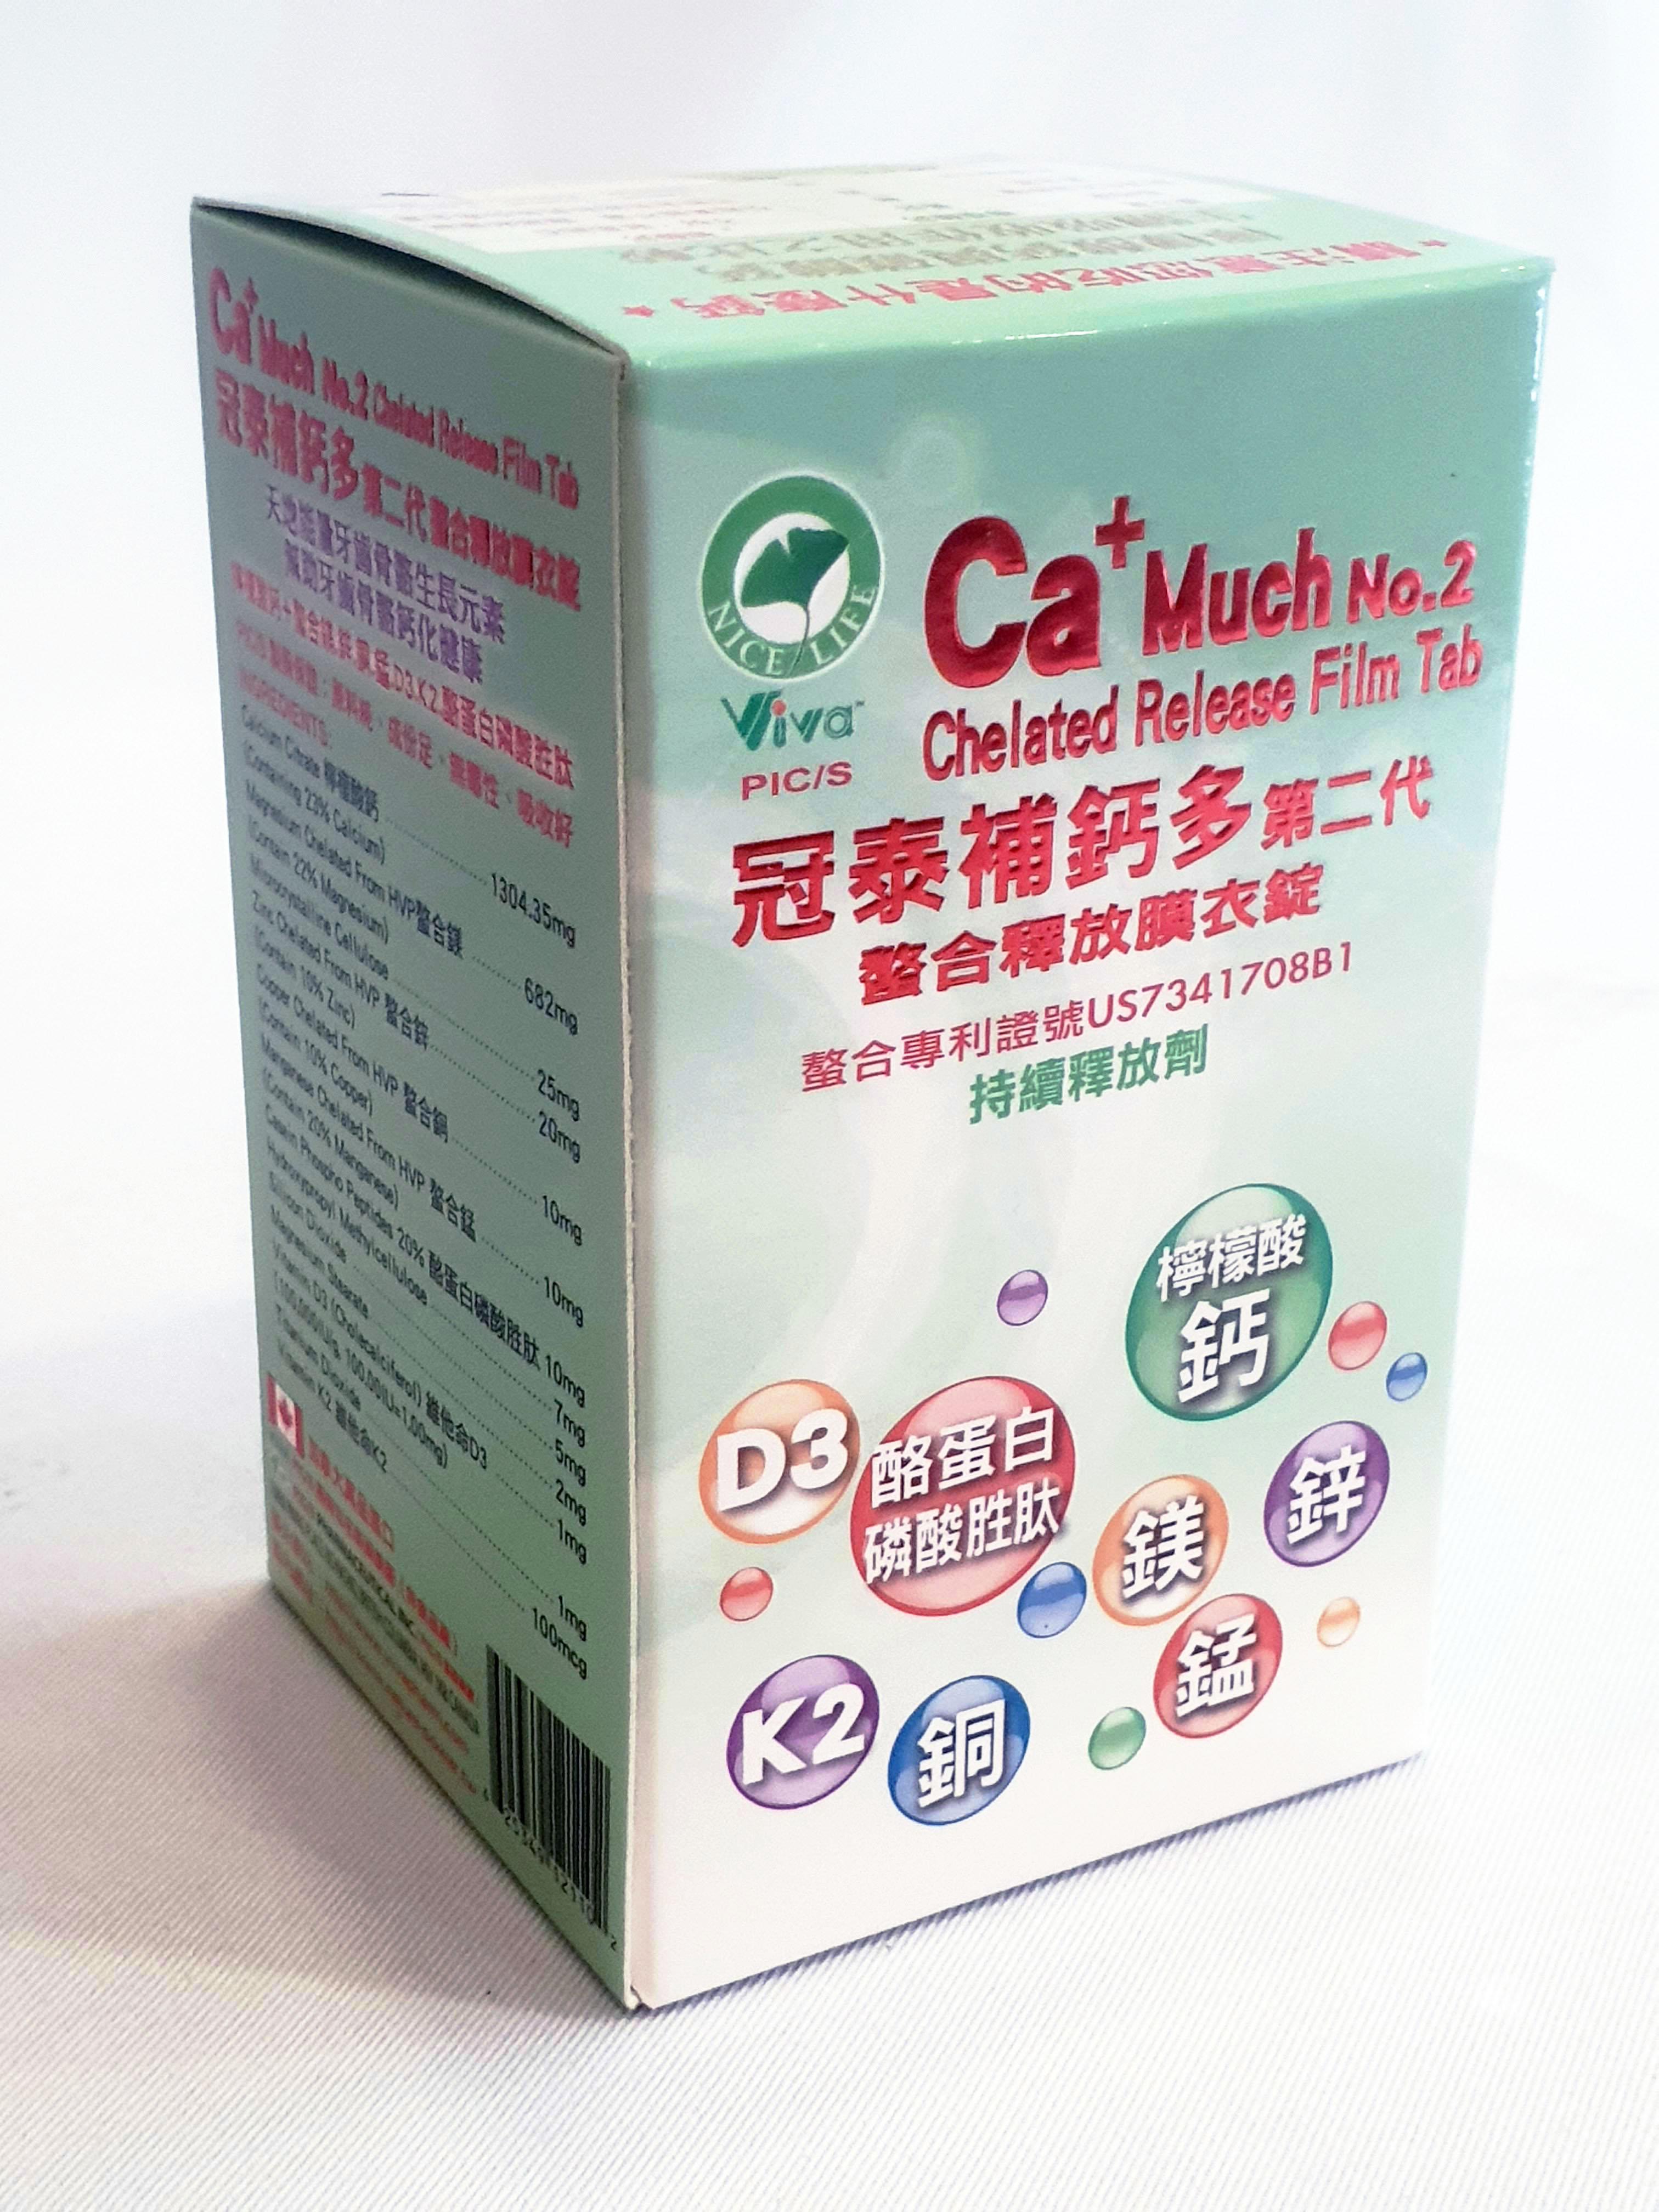 冠泰 補鈣多第二代 螯合釋放膜衣錠 120錠/罐 鈣 (保健食品/加拿大進口)